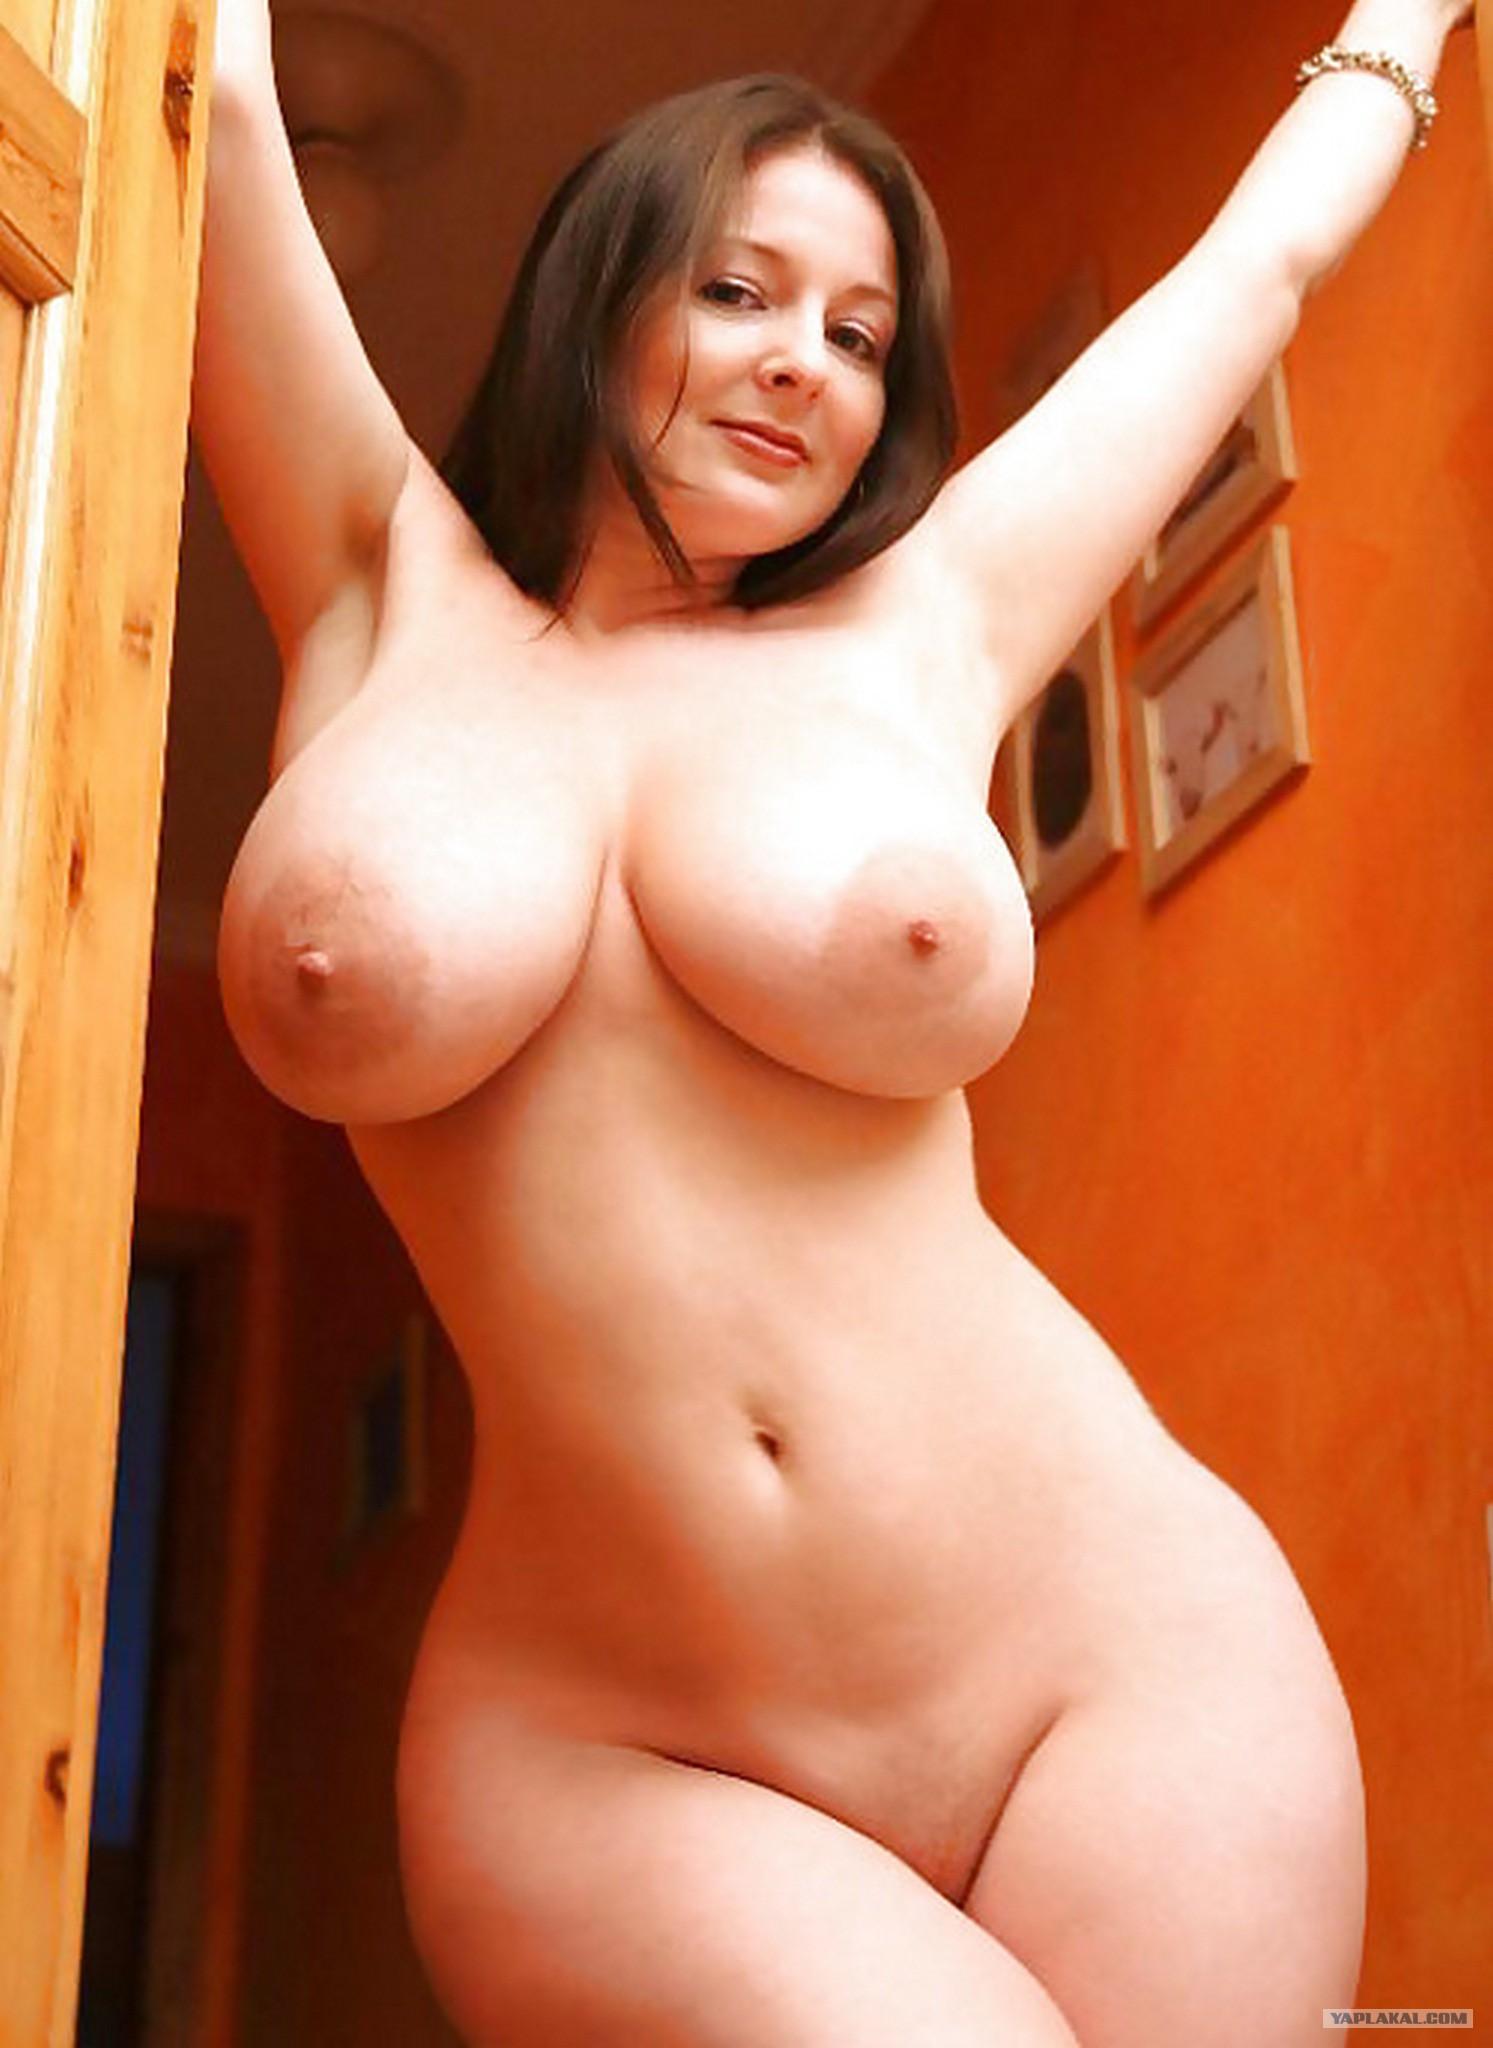 Маленькая грудь но толстые ляжки